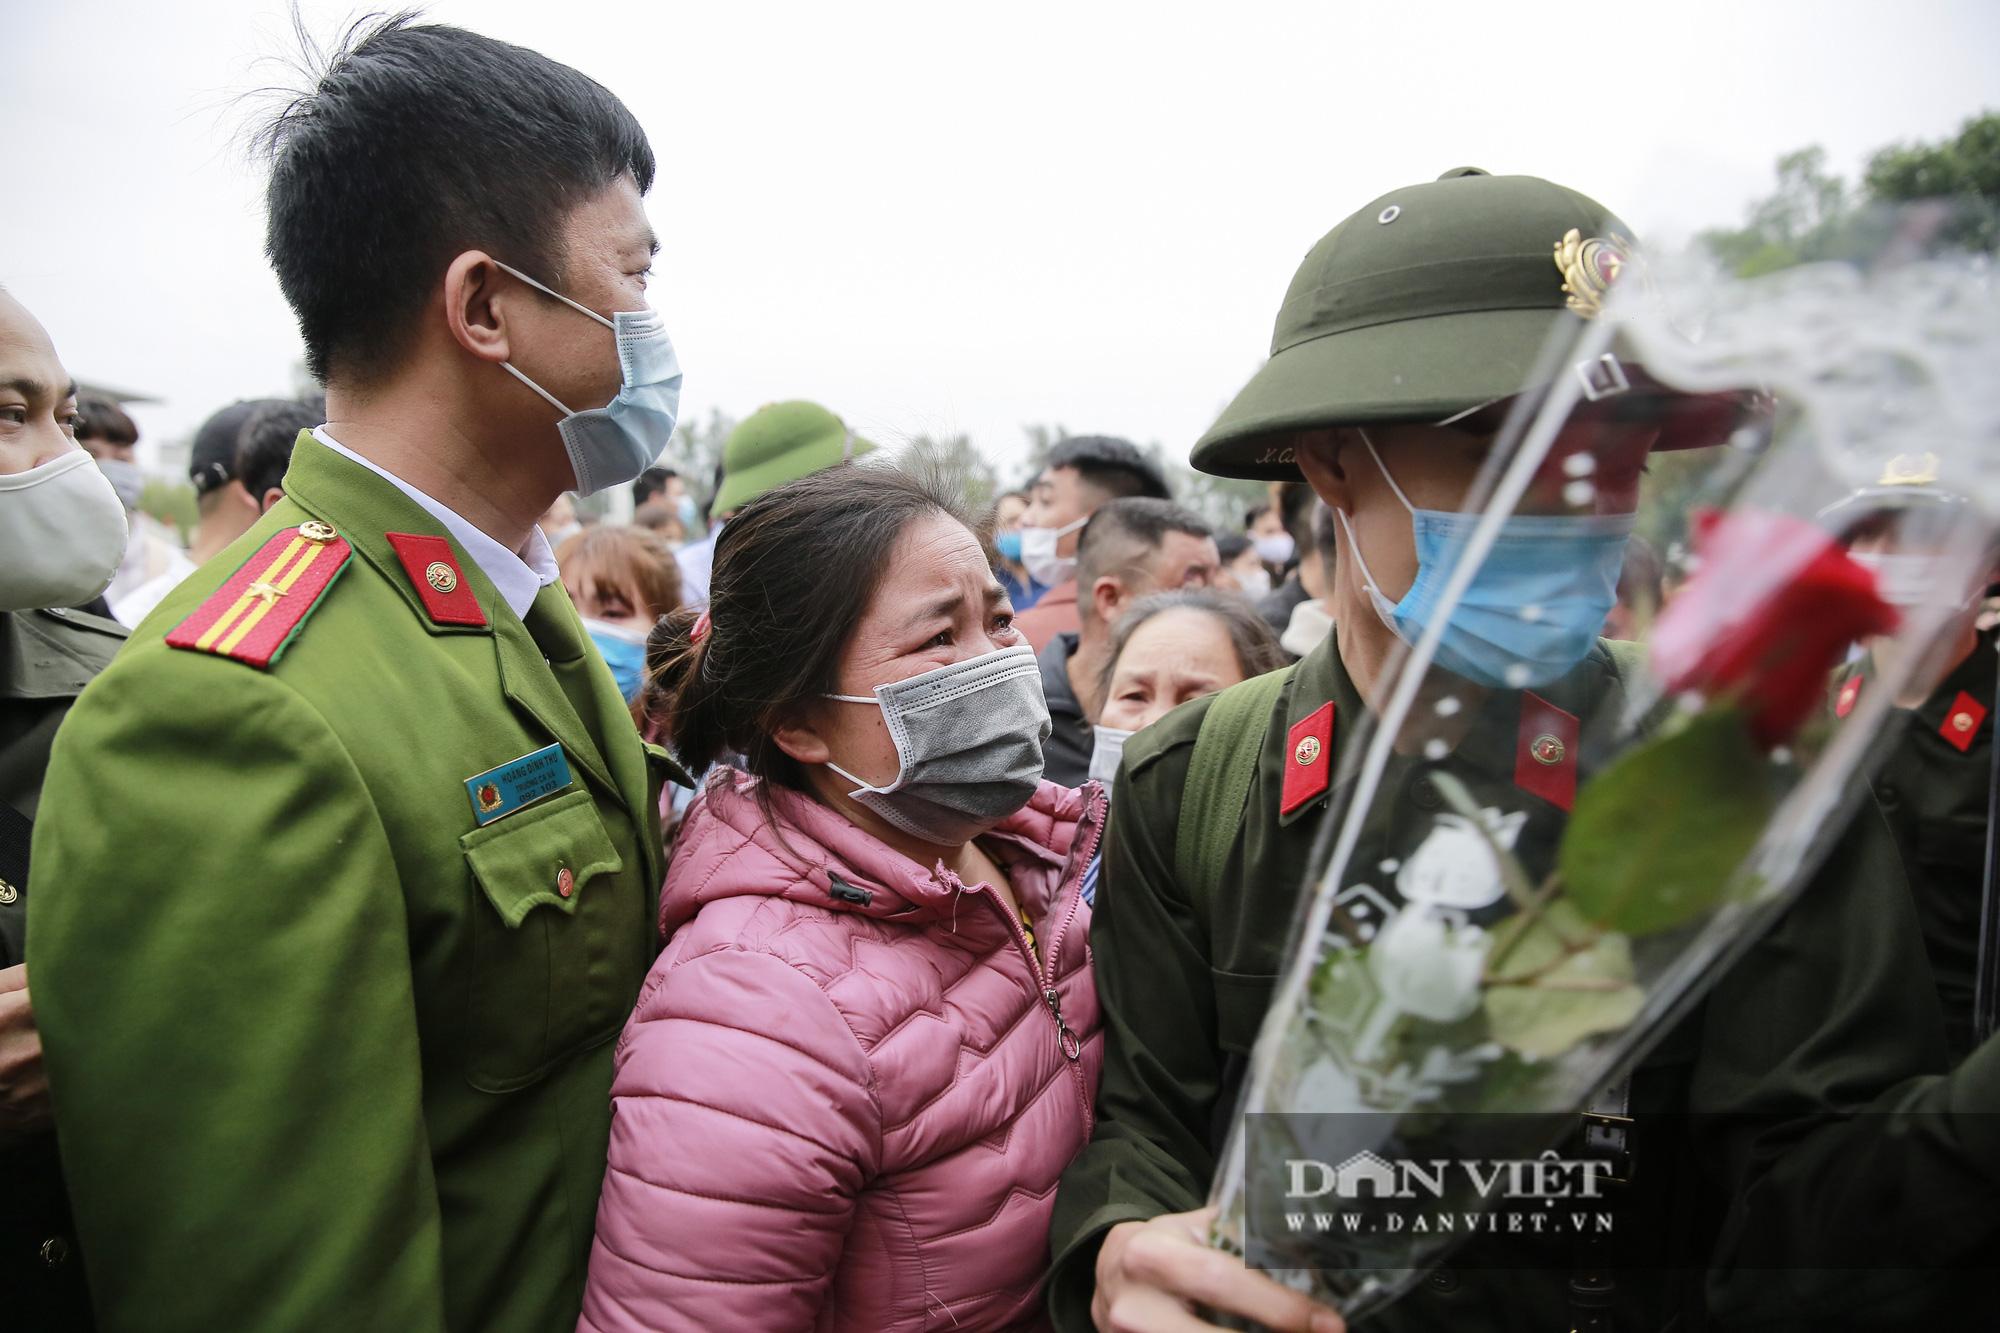 Khoảnh khắc xúc động ngày thanh niên Hà Nội lên đường thực hiện nghĩa vụ quân sự - Ảnh 9.